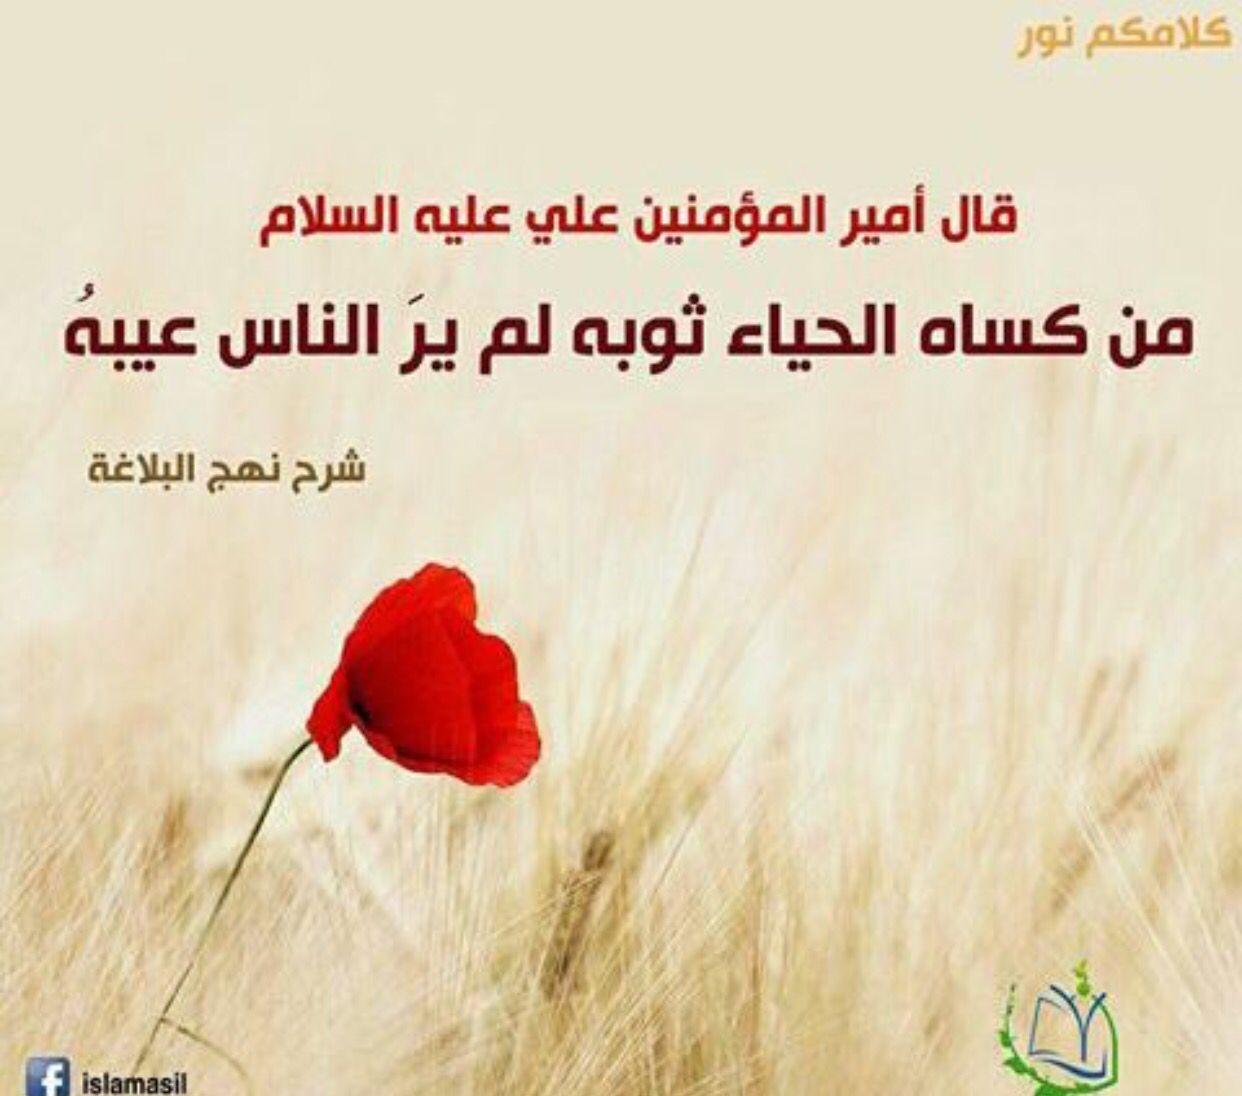 من أقوال سيد البلغاء الإمام علي بن أبي طالب Poems Movie Posters Movies